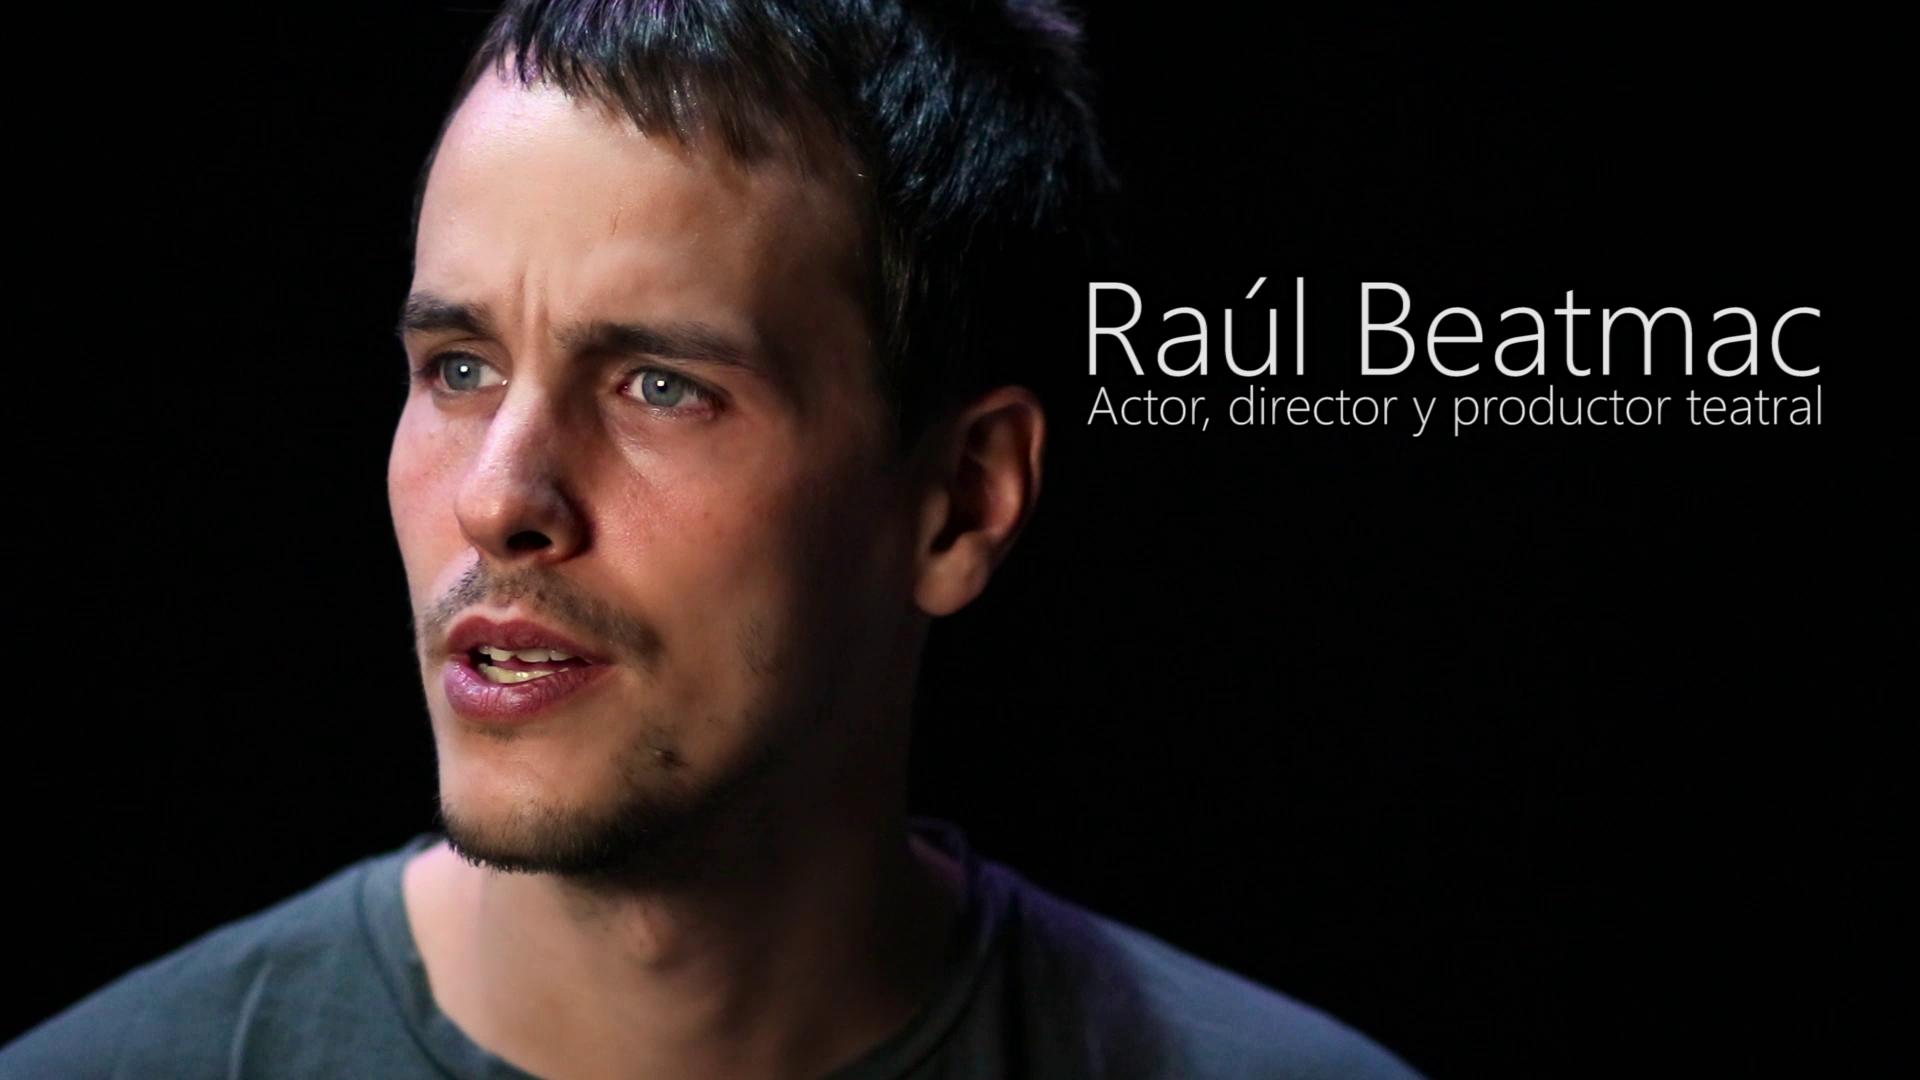 Entrevista a Raúl Beatmac para las Jornadas Nacionales de Formación Escénica